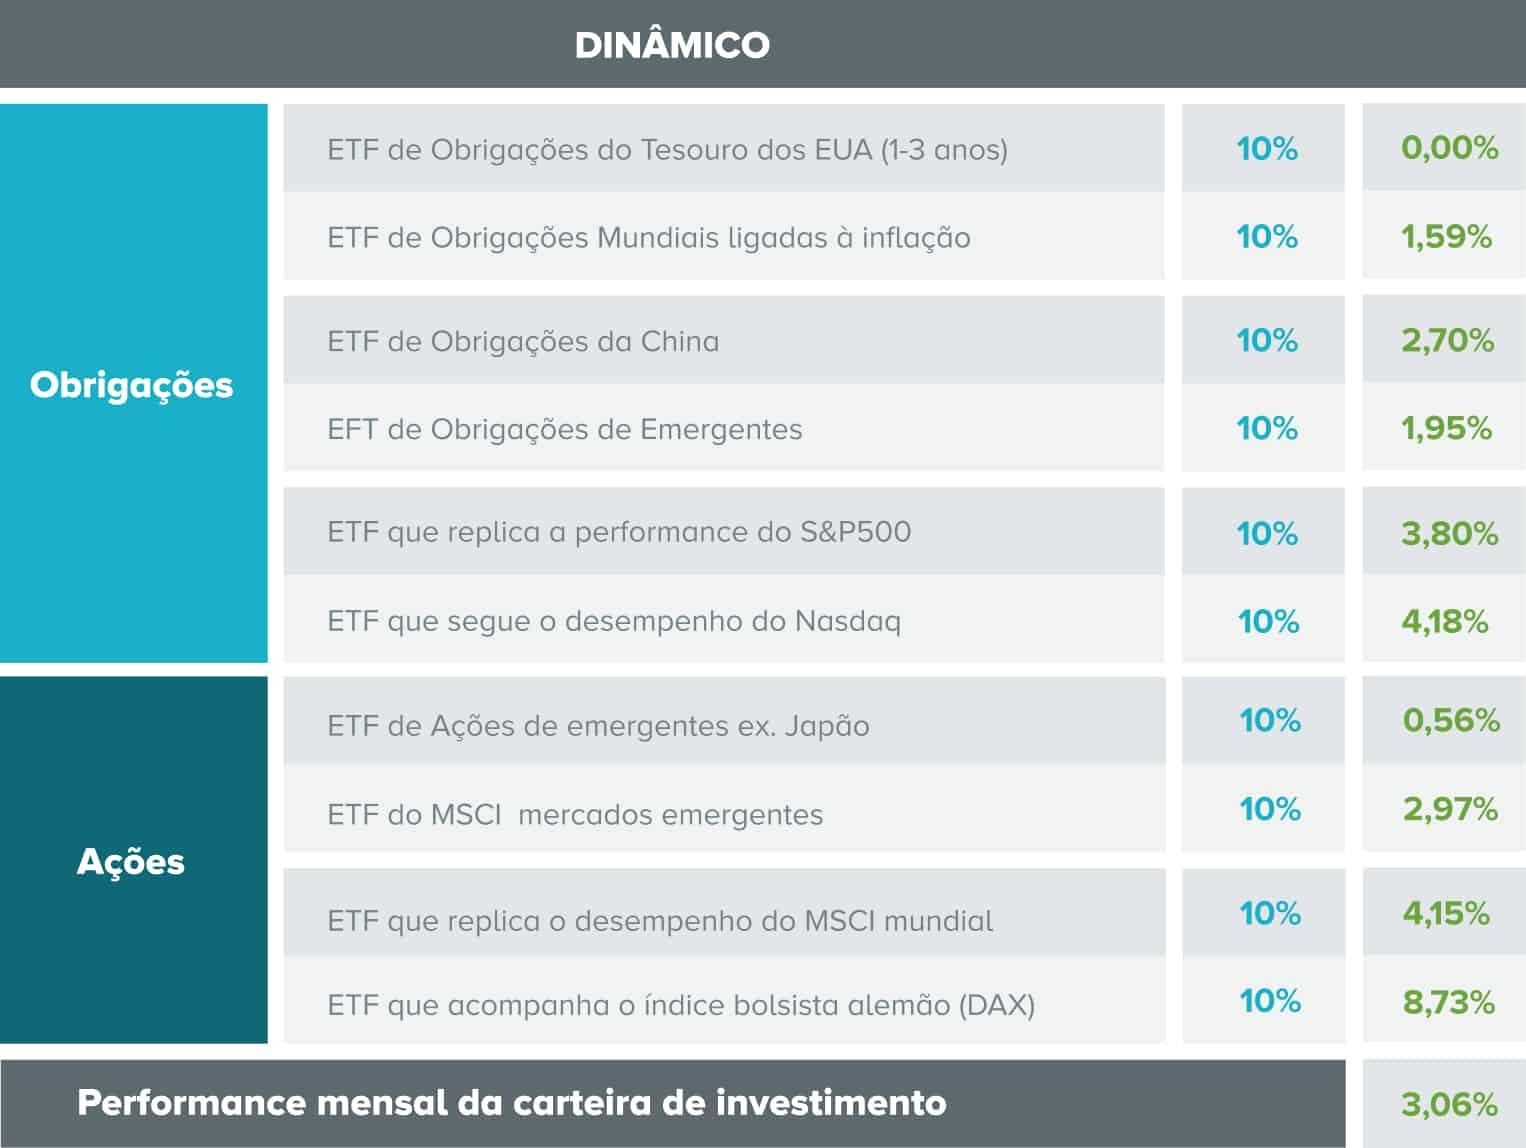 Tabela com a composição da carteira de investimento dinâmica e o desempenho de cada ativo